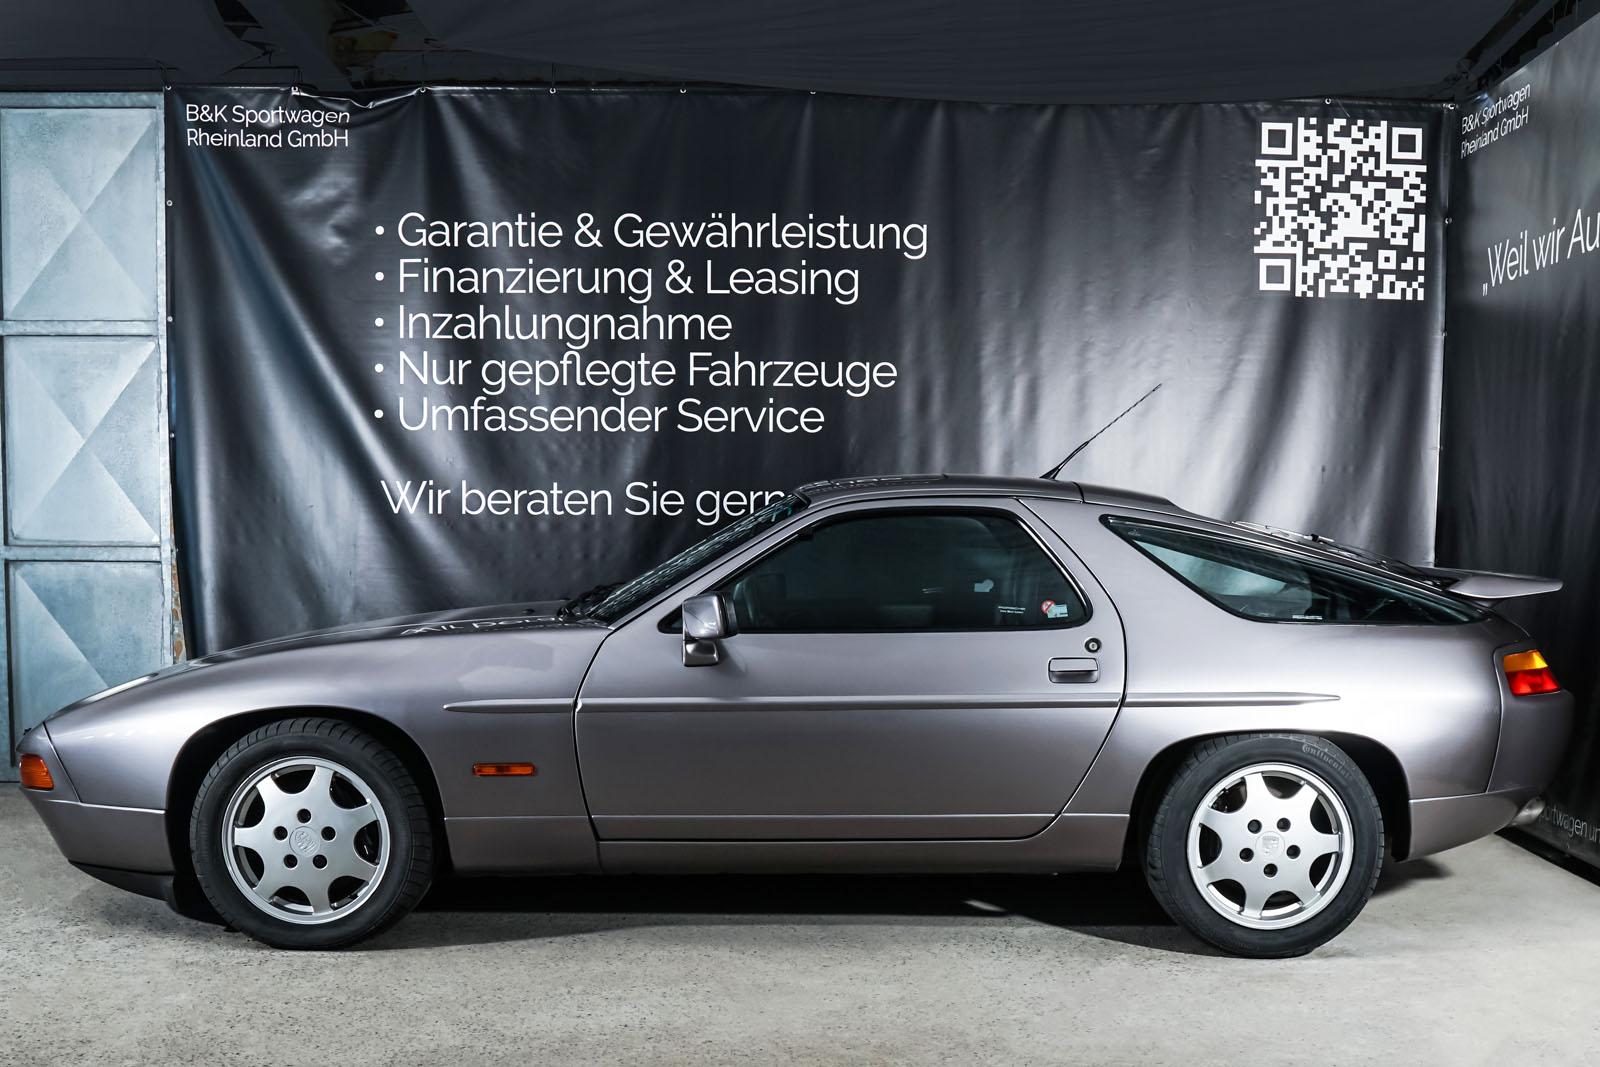 Porsche_928_Grey_Black_POR-0325_5_w